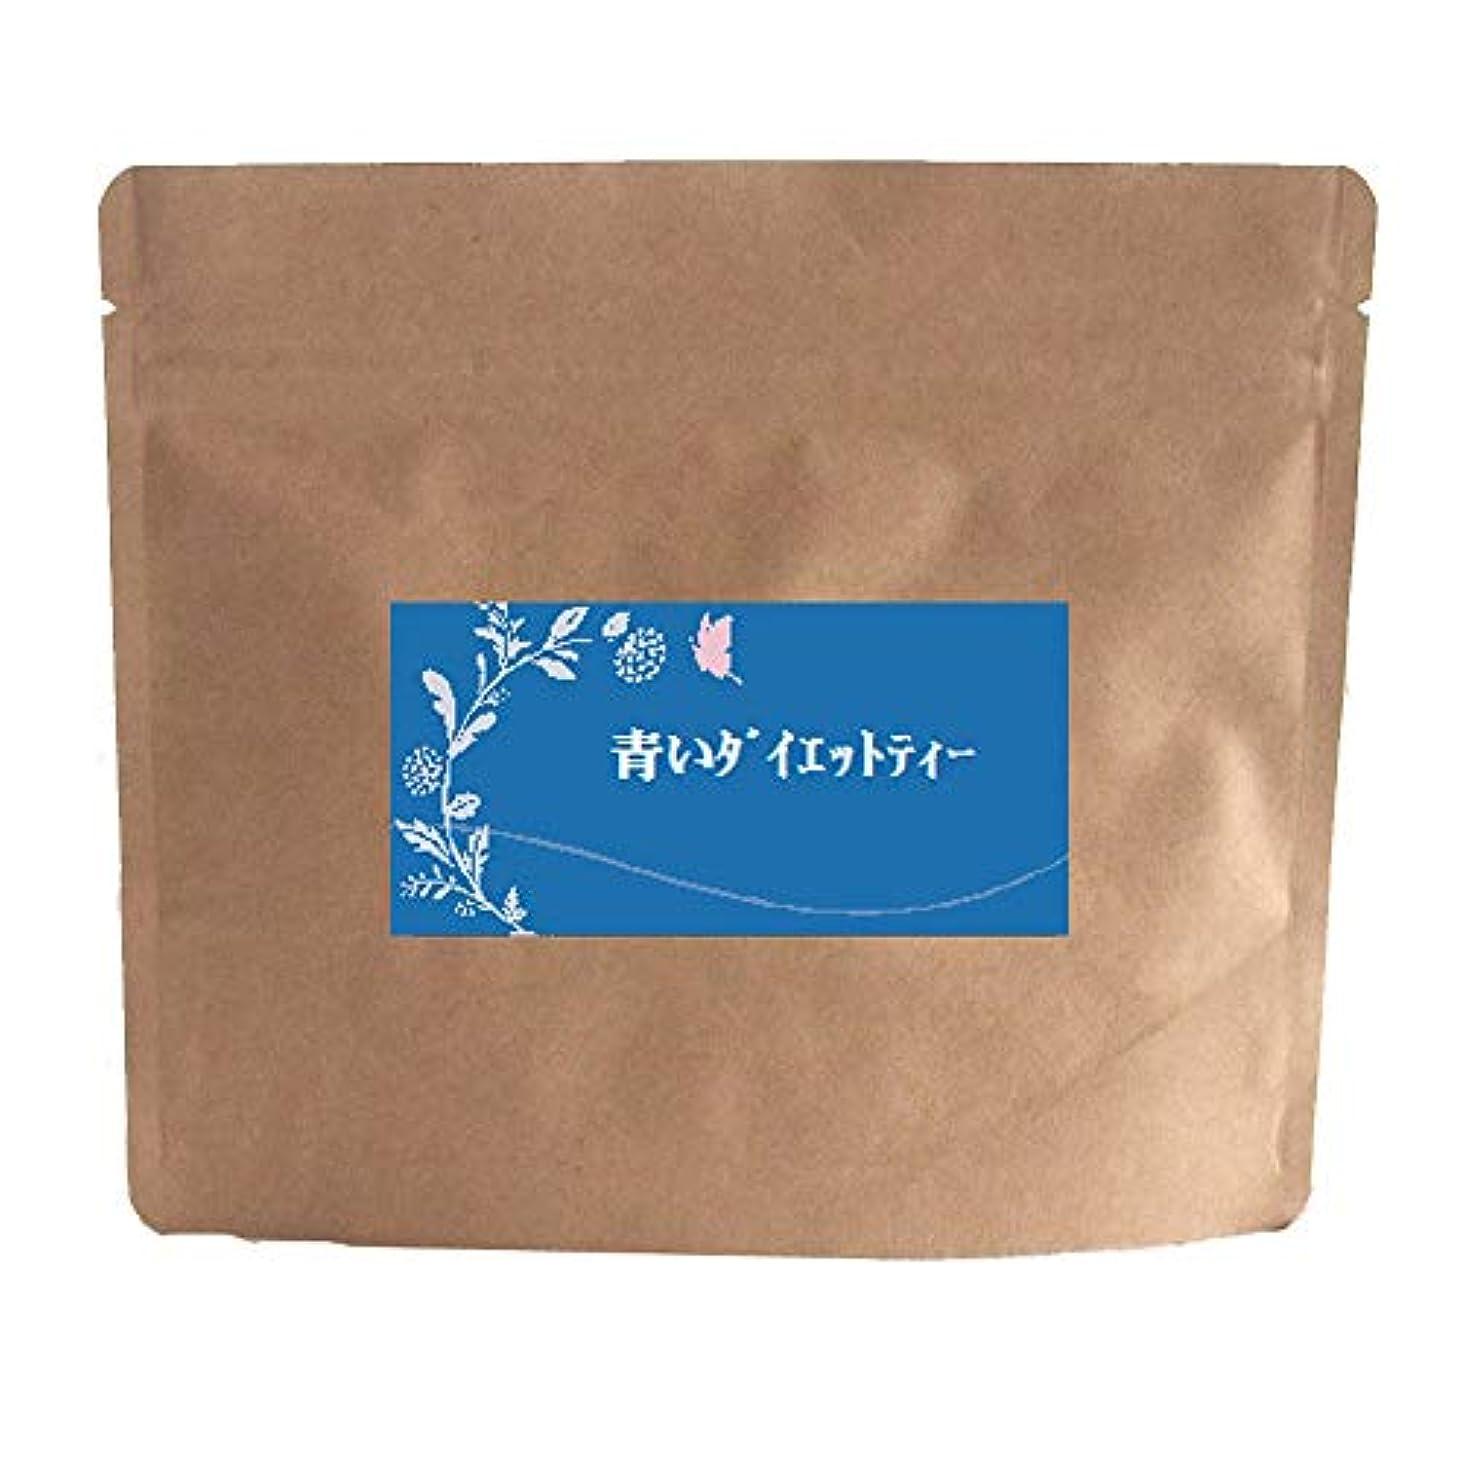 勤勉者着る青いダイエットティー312g バタフライピー 難消化性デキストリン ダイエットドリンク 粉末 パウダー